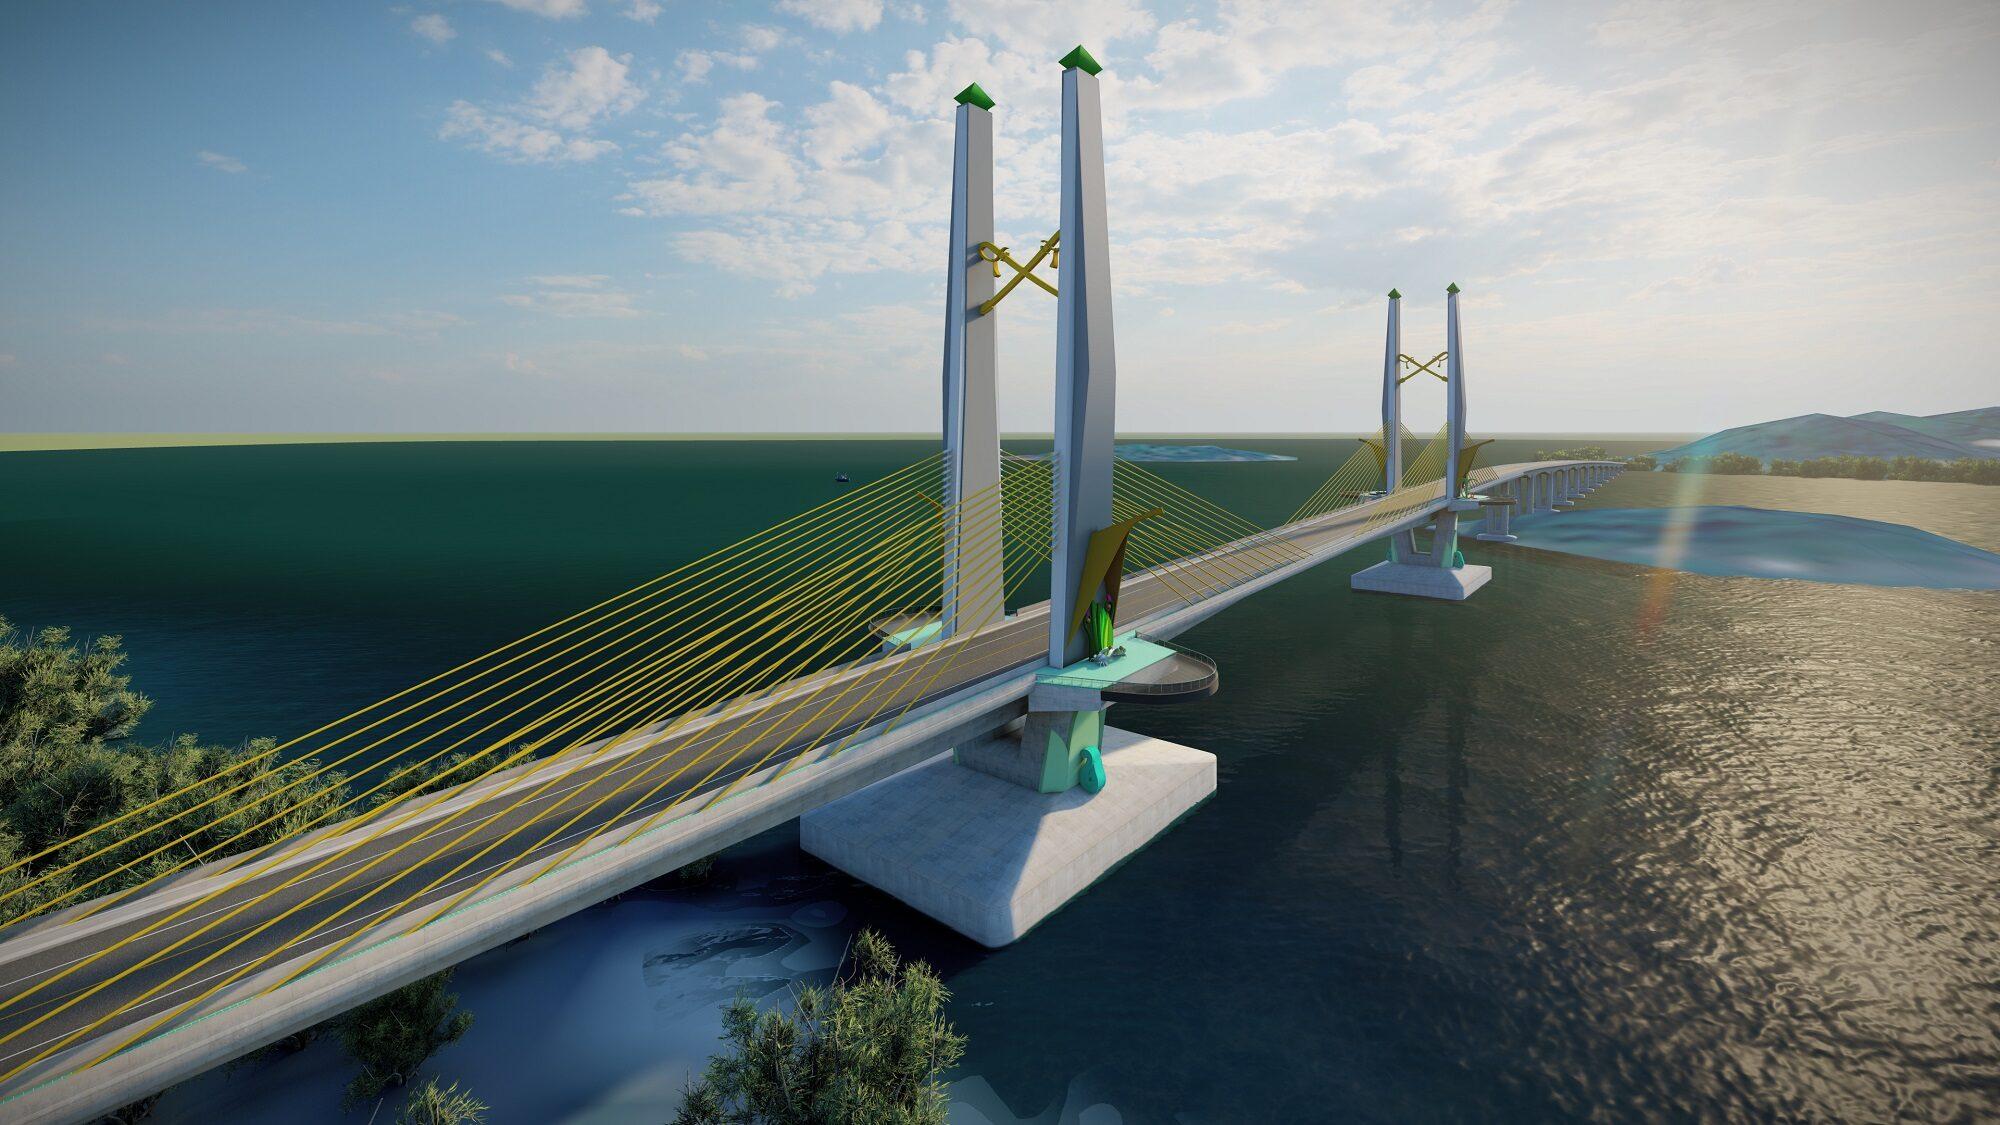 ทช.เดินหน้าผุดสะพานคานขึง เชื่อมเกาะกลาง-เกาะลันตาน้อย 1.9 กม.